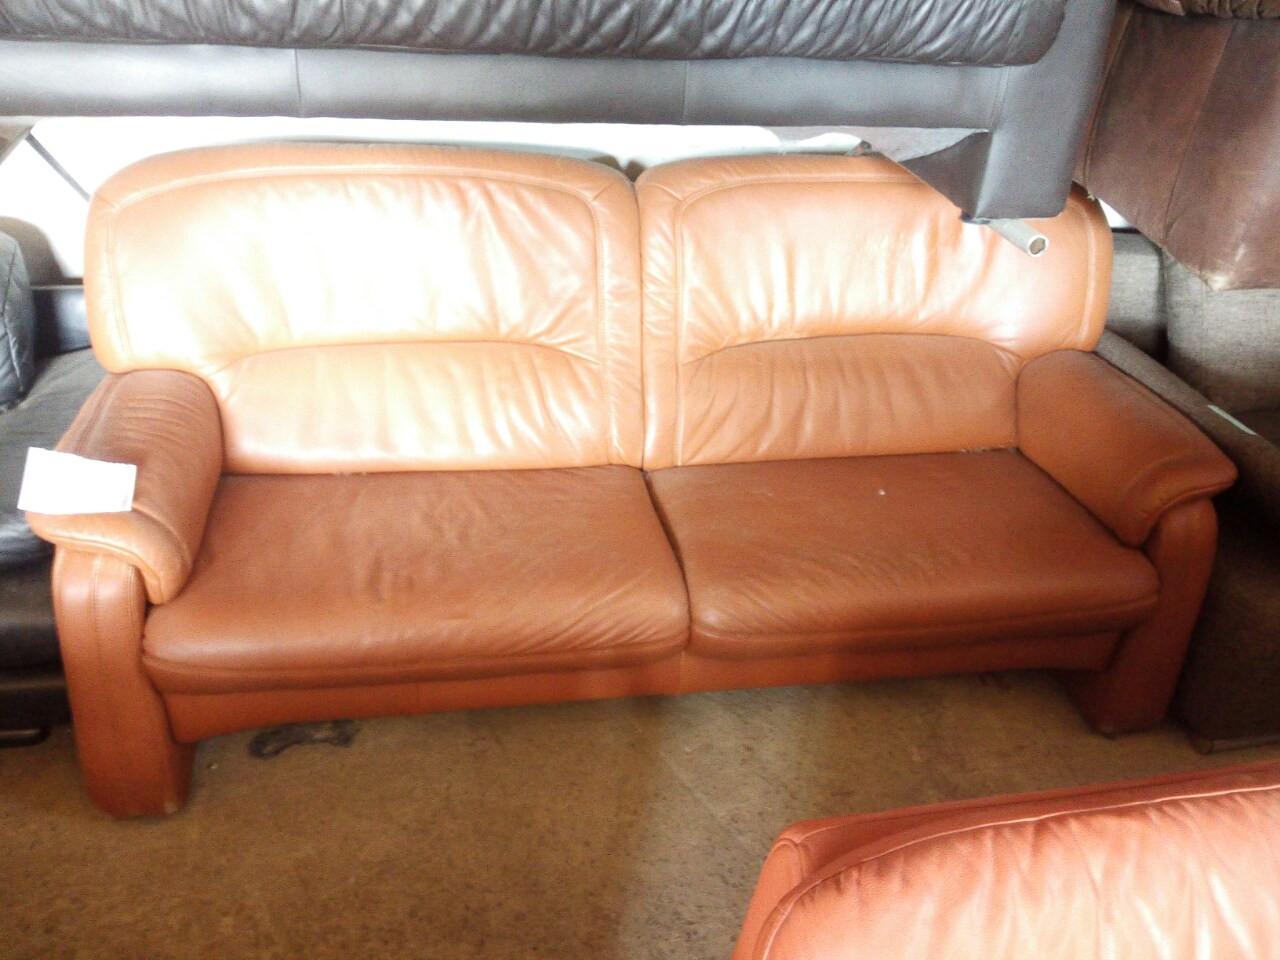 диван кожаный бу из европы цена 15 77812 грн купить в